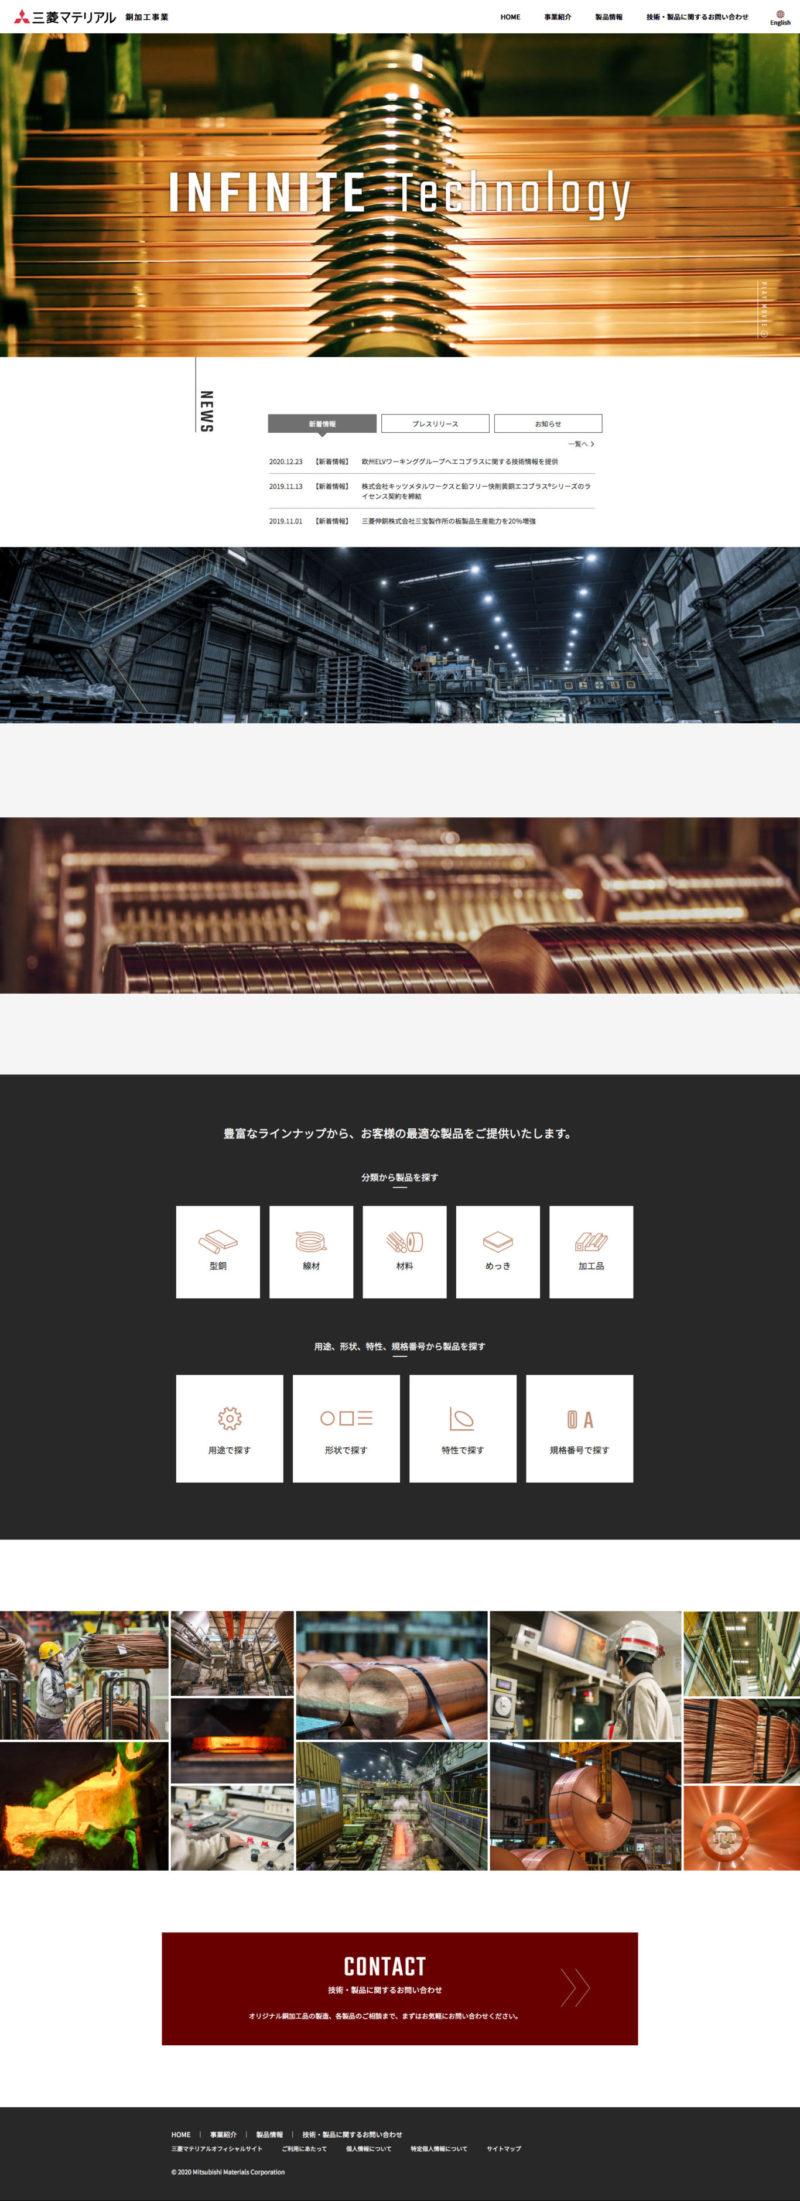 三菱マテリアル株式会社様|銅加工事業部サイトTOP